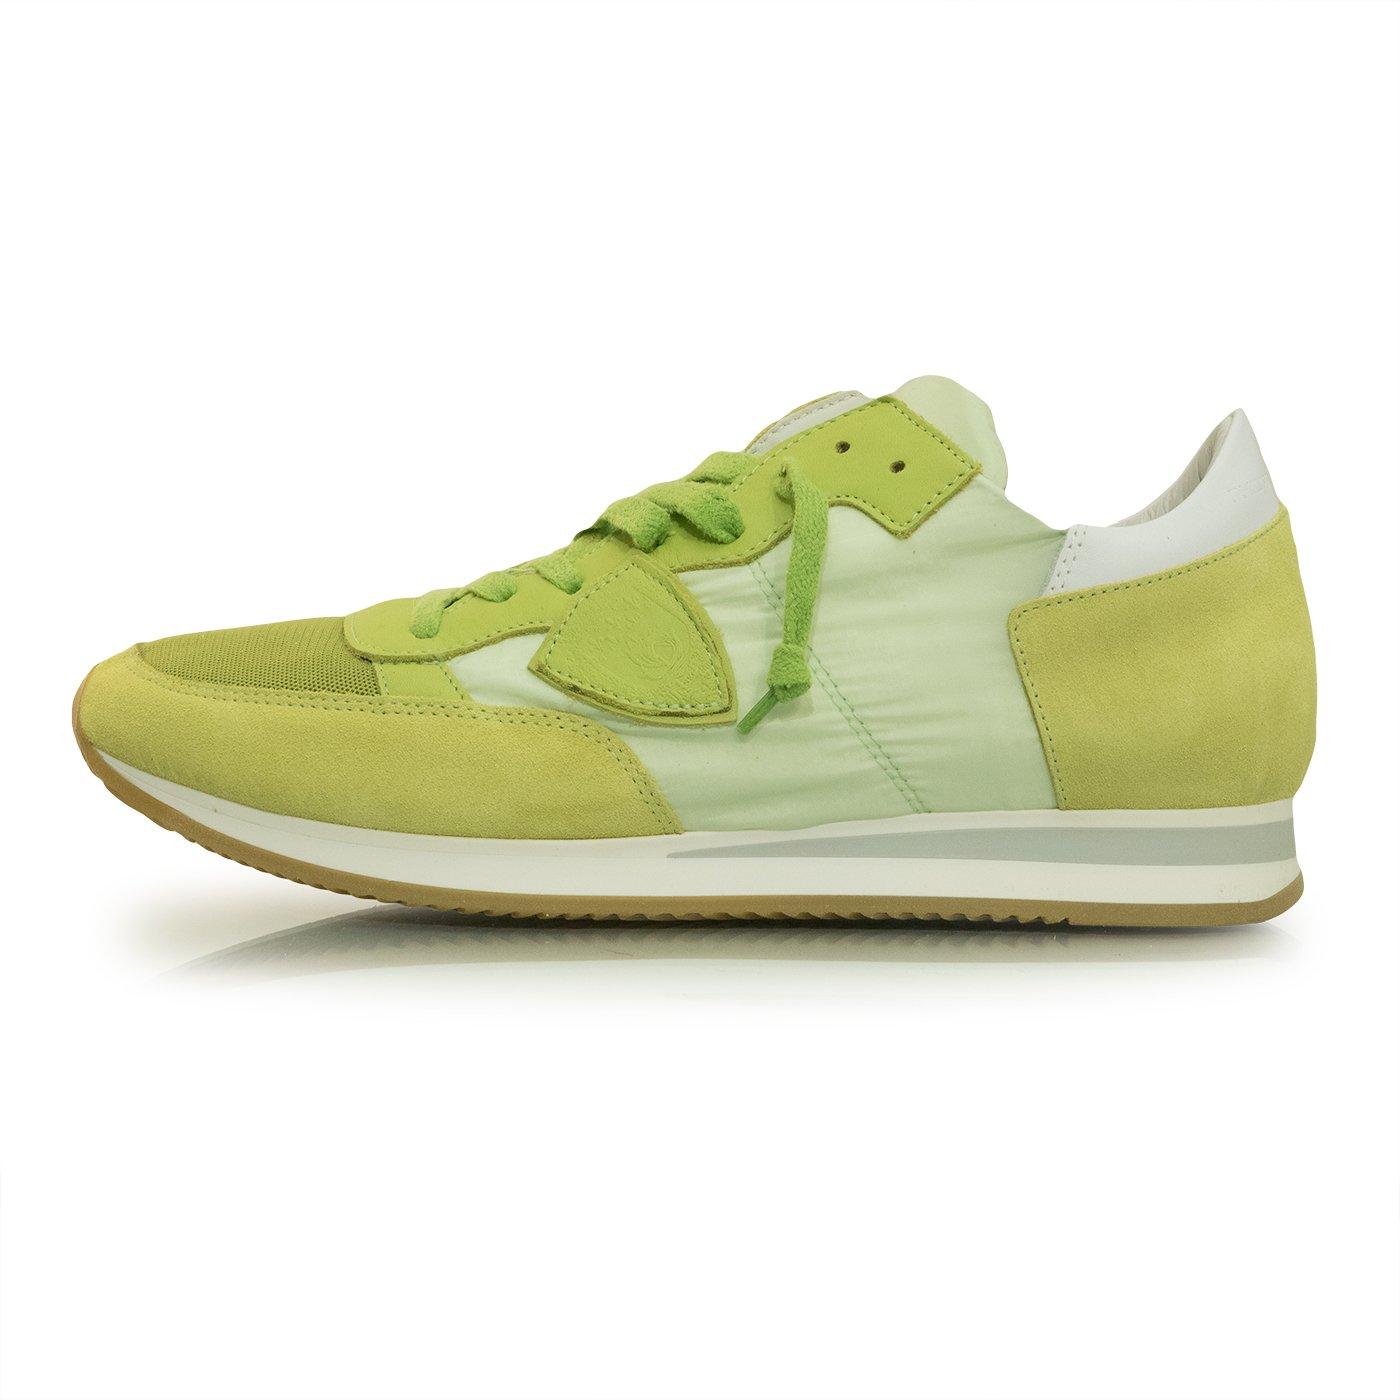 Philippe Model Zapatillas de Piel Para Hombre Verde Lima 44 EU